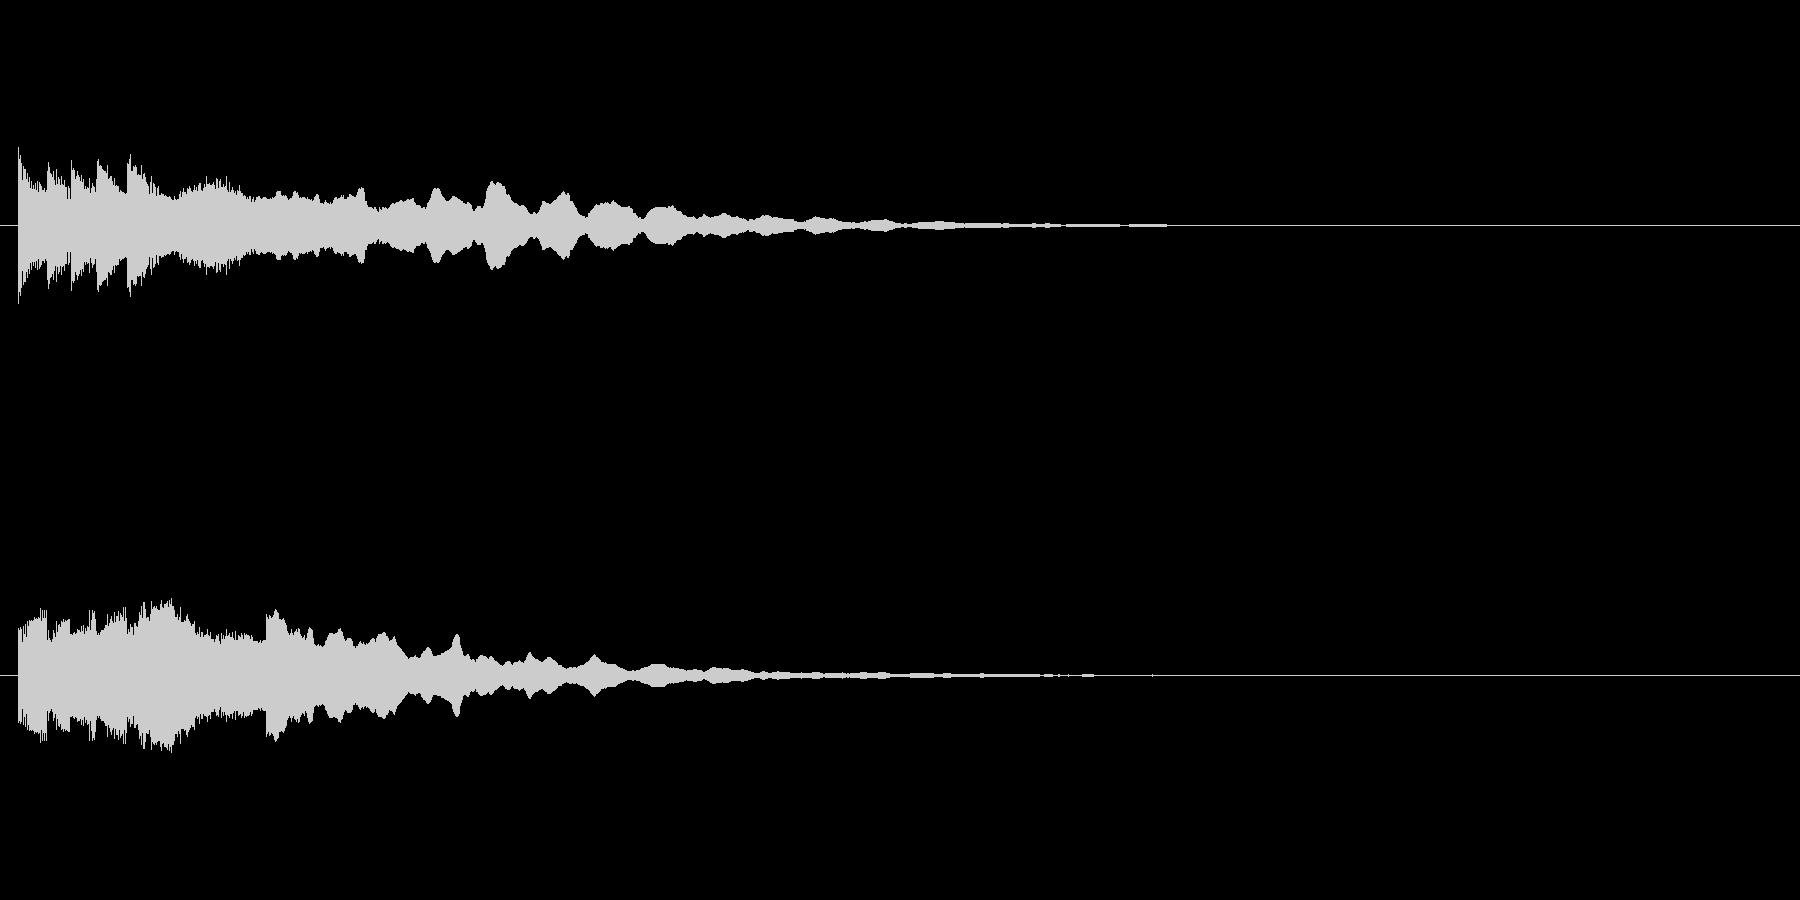 ファミコン的な和風起動音の未再生の波形